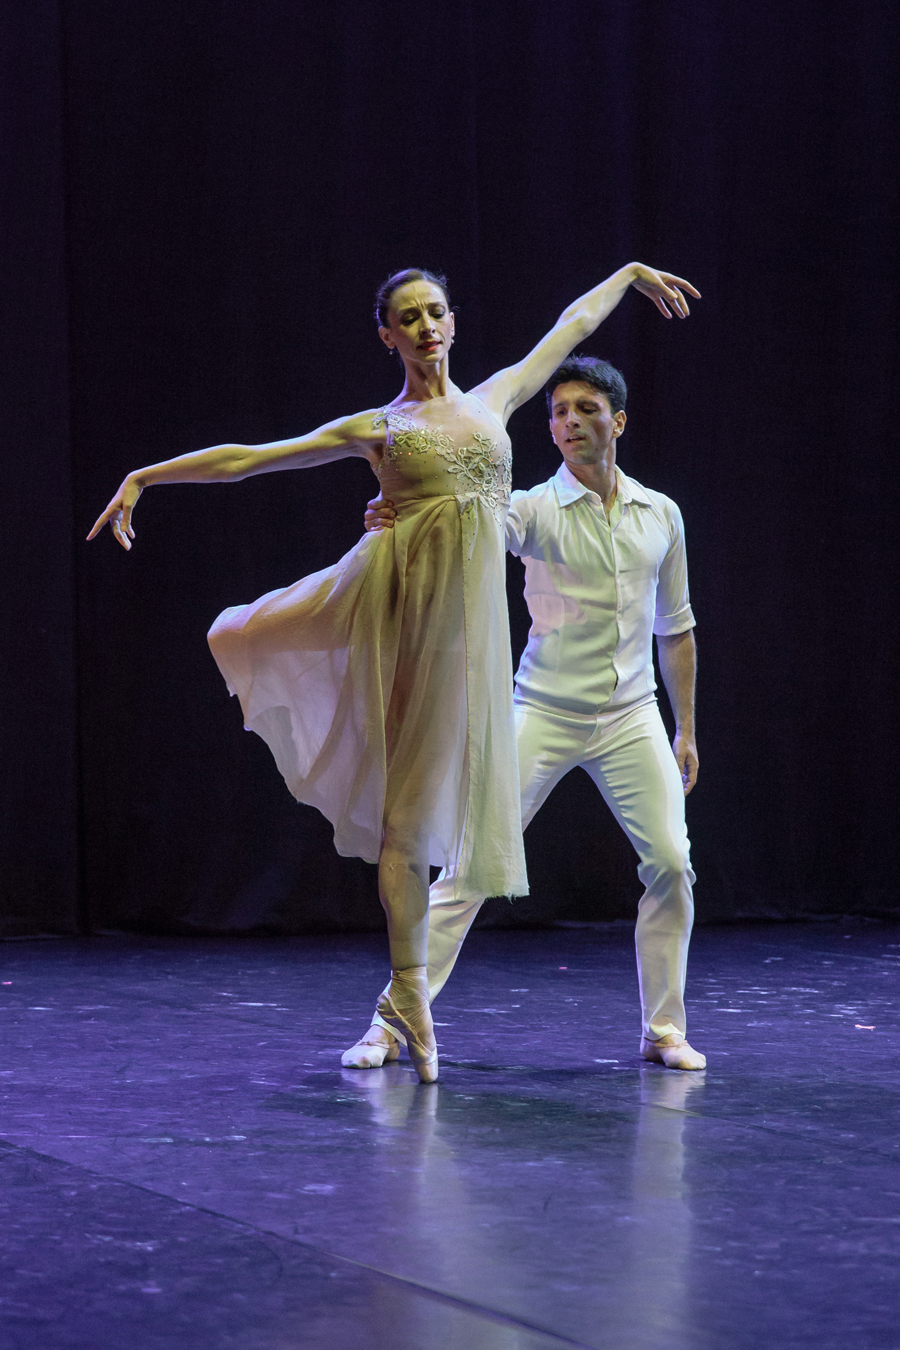 Renato_Zanette_fotografo_Vittorio_Veneto_Dance_Up_Saggio_Scuola_Di_Danza_Anbeta_Toromano_Alessandro_Macario